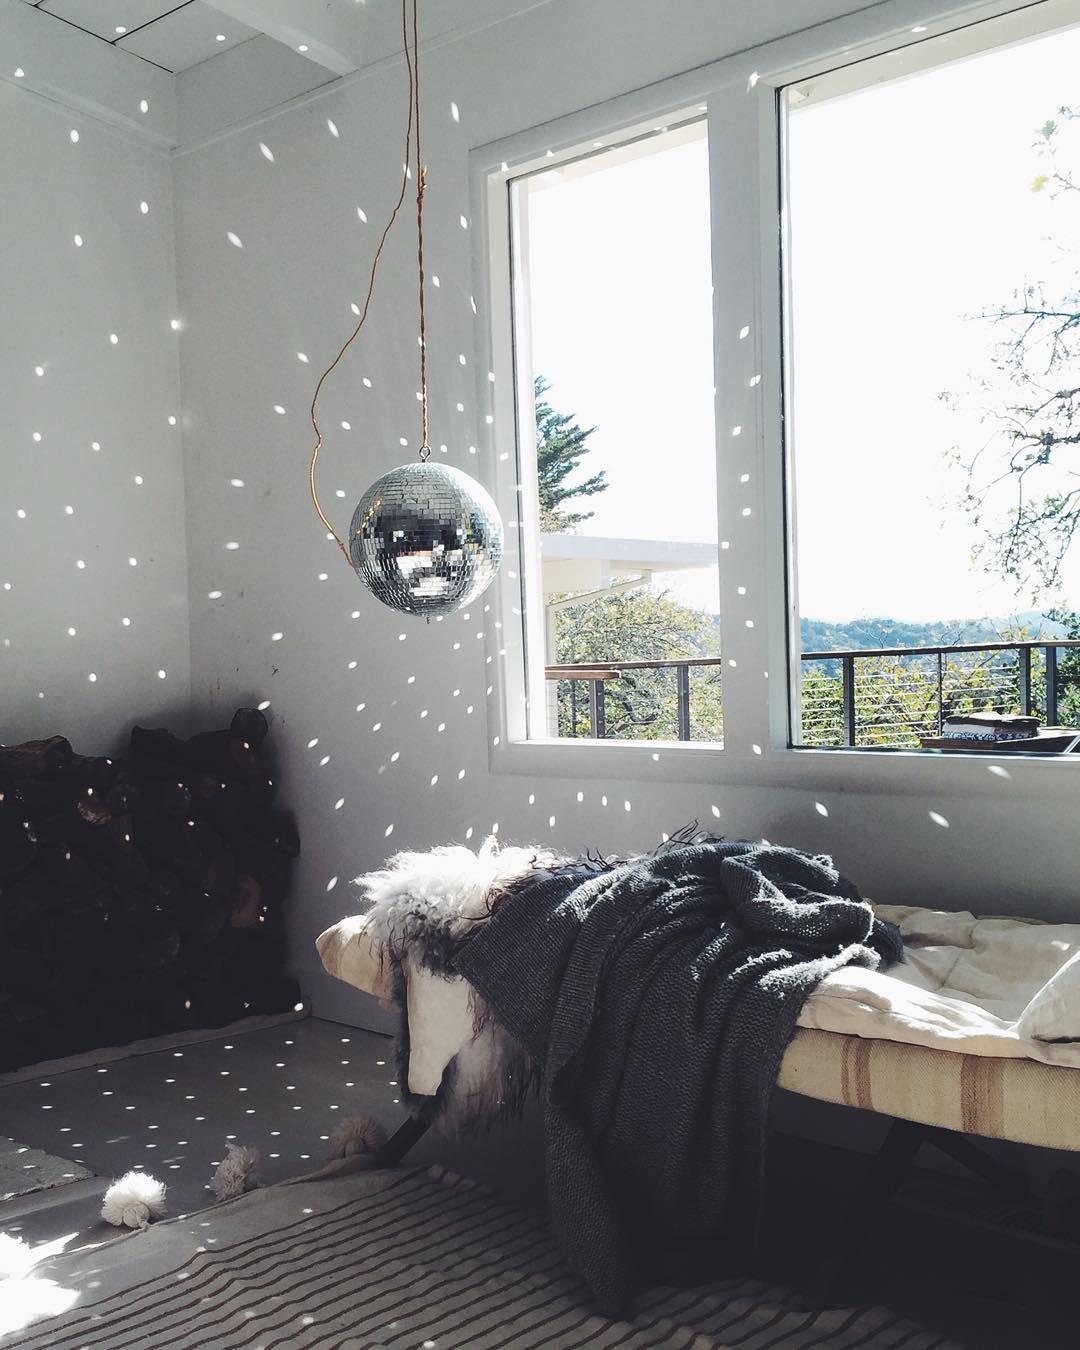 Se Det Här Fotot Av Kendrasmoot På Instagram Gilla - Disco lights for bedroom